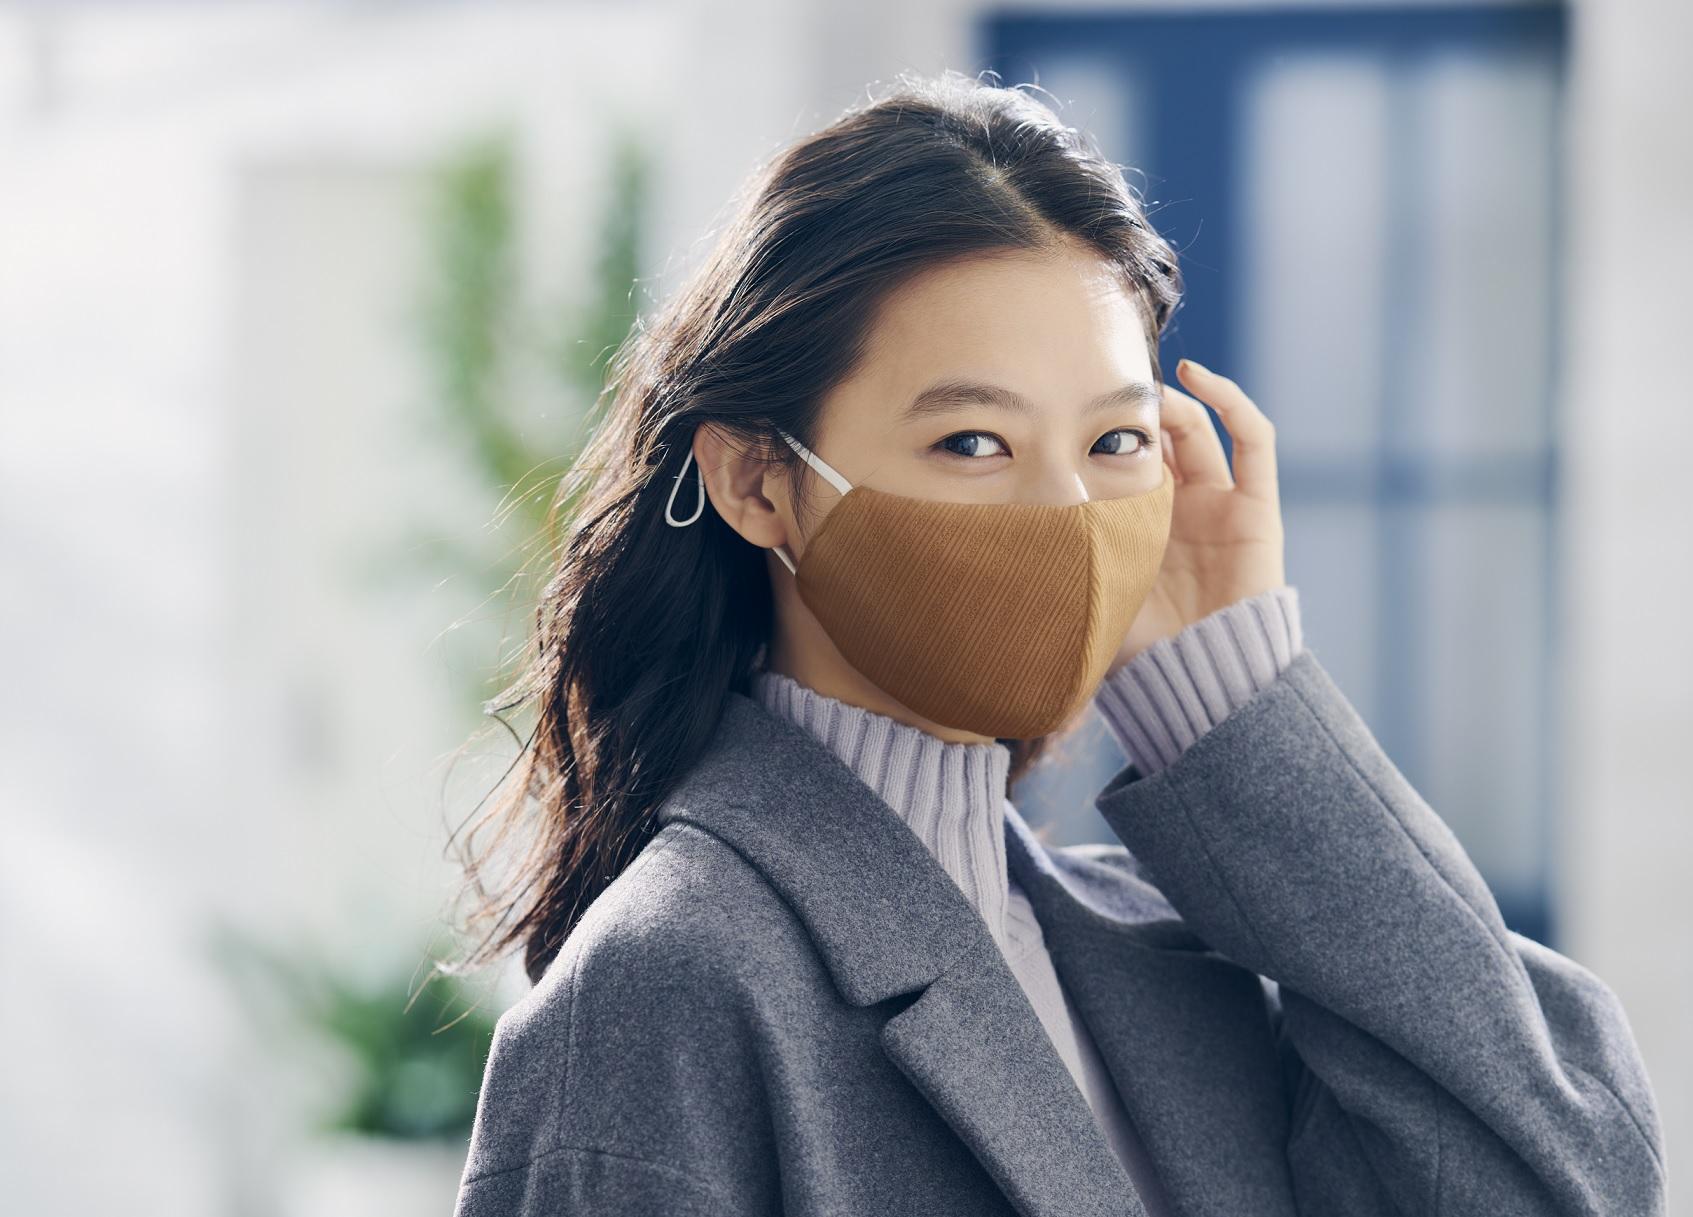 『GU』の高機能マスク、10/30(金)発売! 可愛い・洗濯機で洗える・プチプラ、買わない理由が見つからないんです♡_2